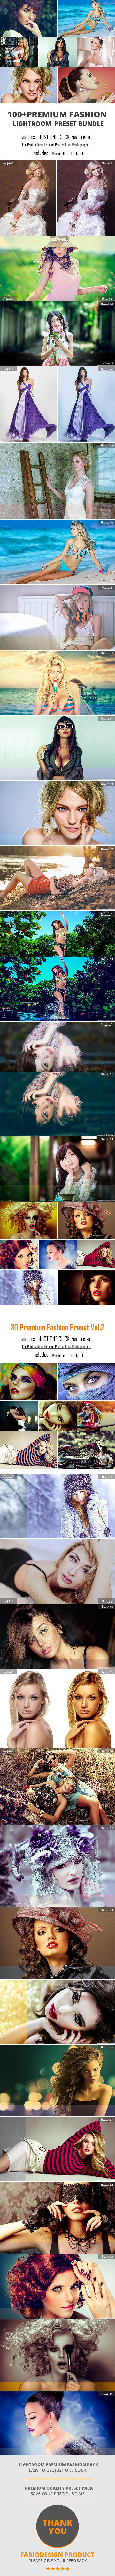 100+ Premium Fashion Preset Bundle - Portrait Lightroom Presets